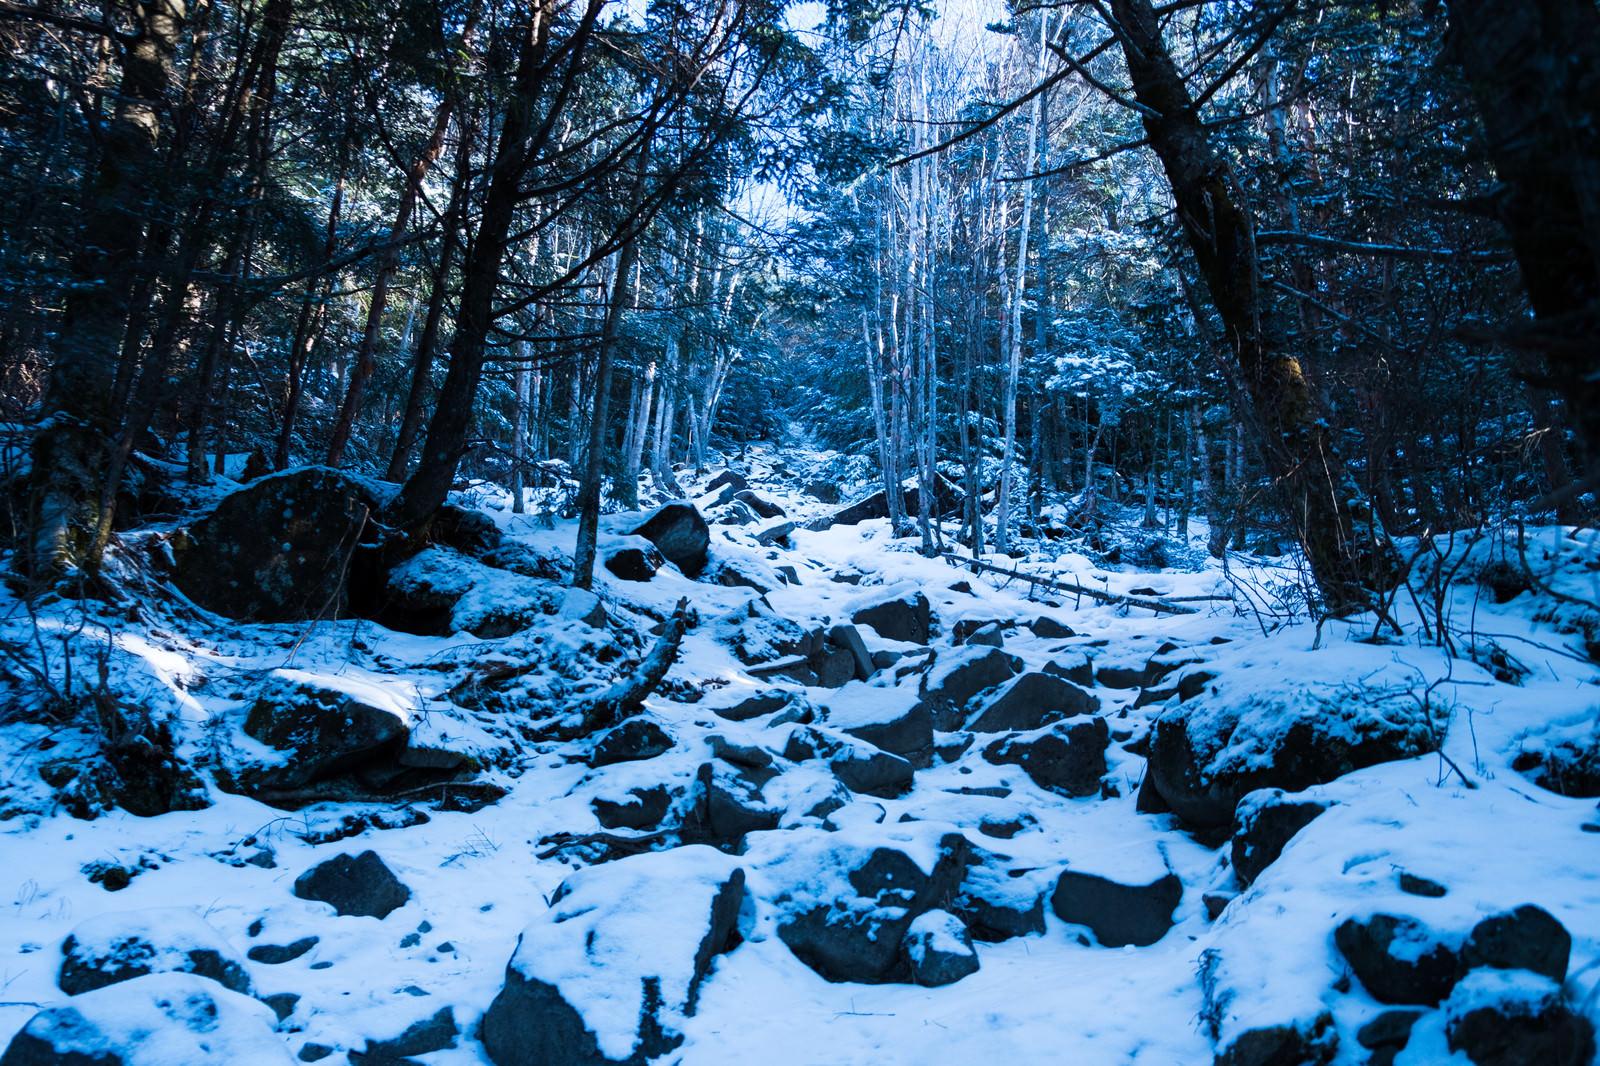 「冬の蓼科山(たてしなやま)登山道冬の蓼科山(たてしなやま)登山道」のフリー写真素材を拡大